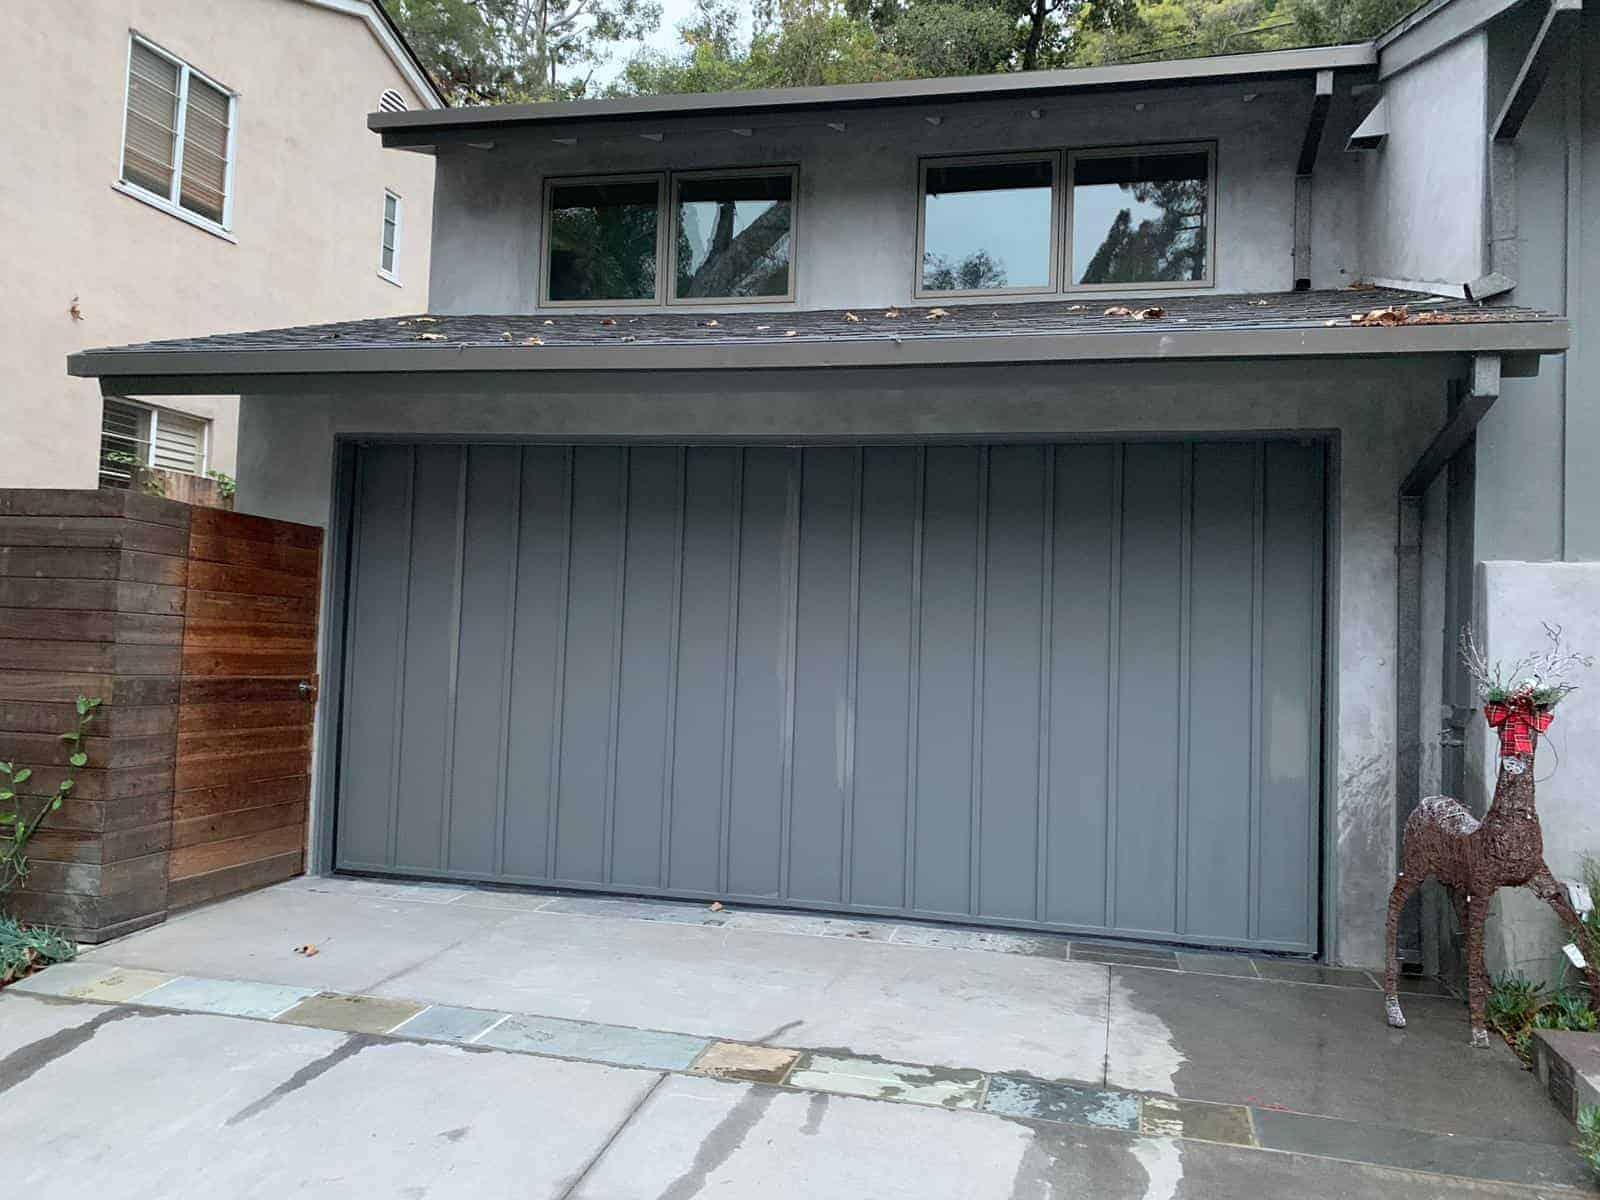 South Pasadena CA Garage Door Repair & Replacement